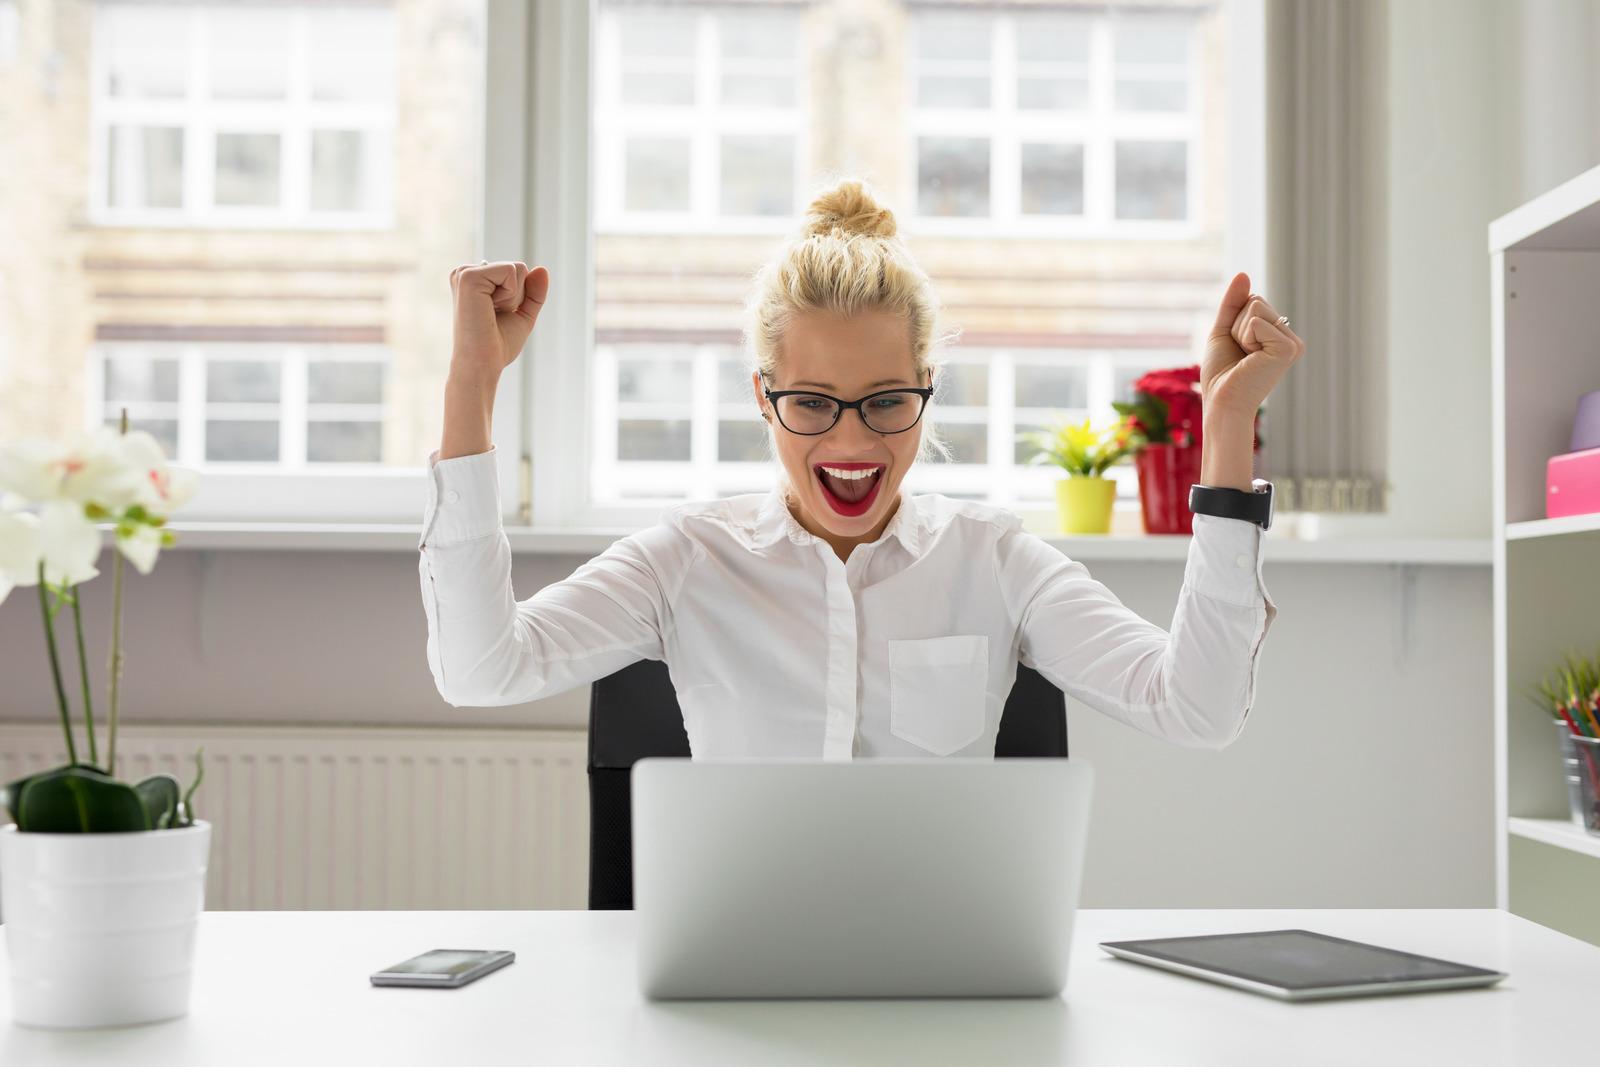 HR vezetőként azon gondolkodsz hol tudod javítani a toborzási folyamataidat?